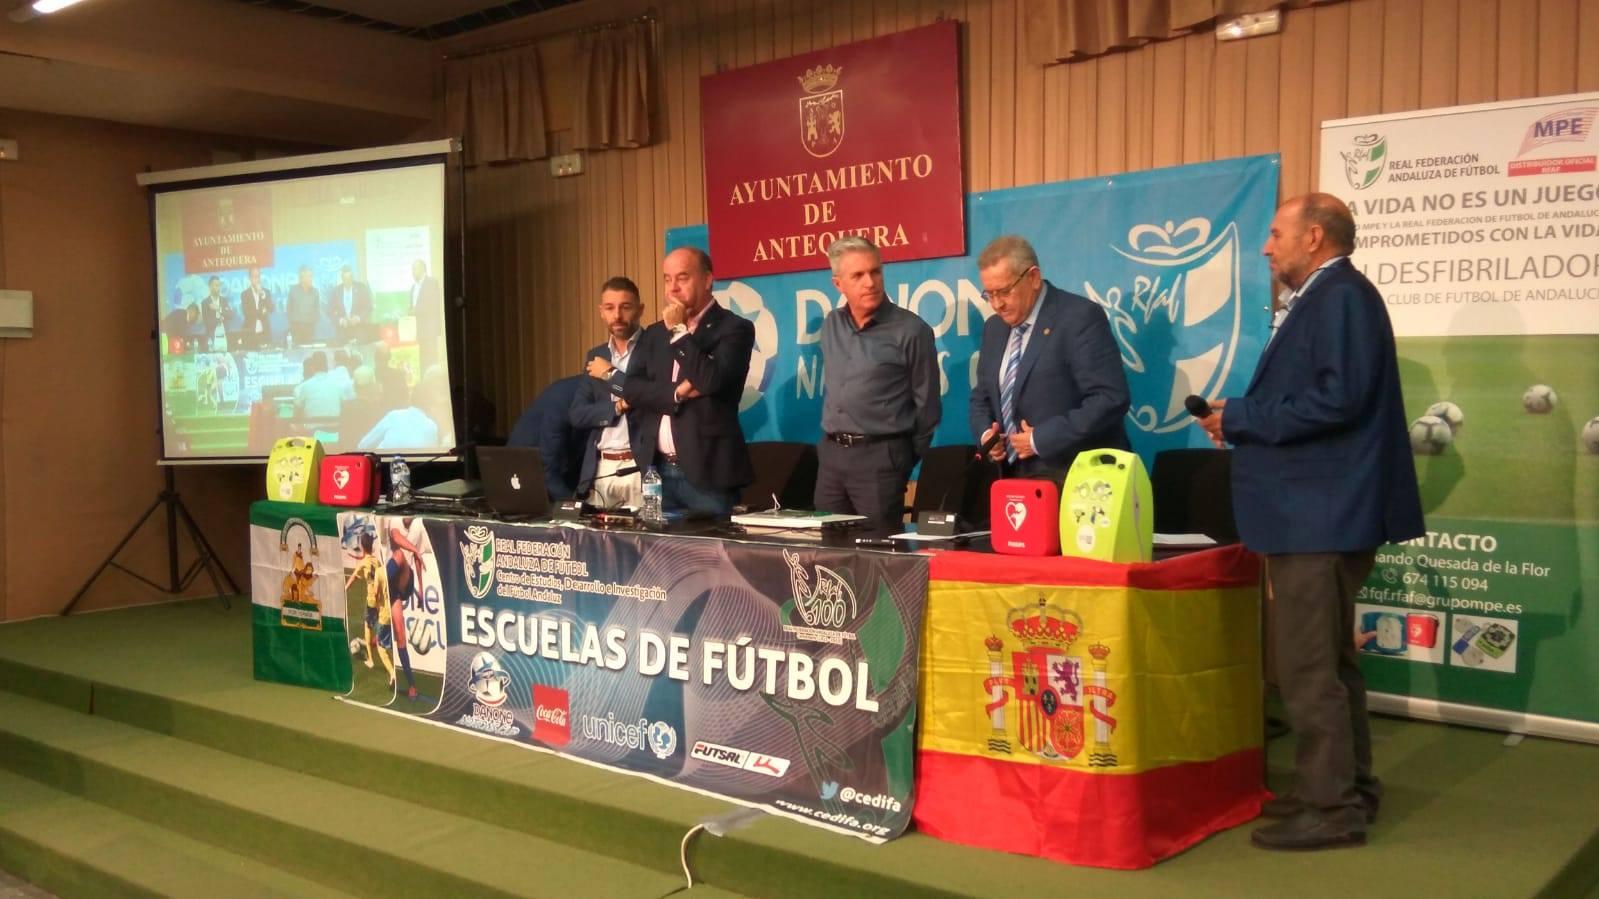 Grupo MPE Proveedor Oficial de la Real Federación de Futbol Andaluza